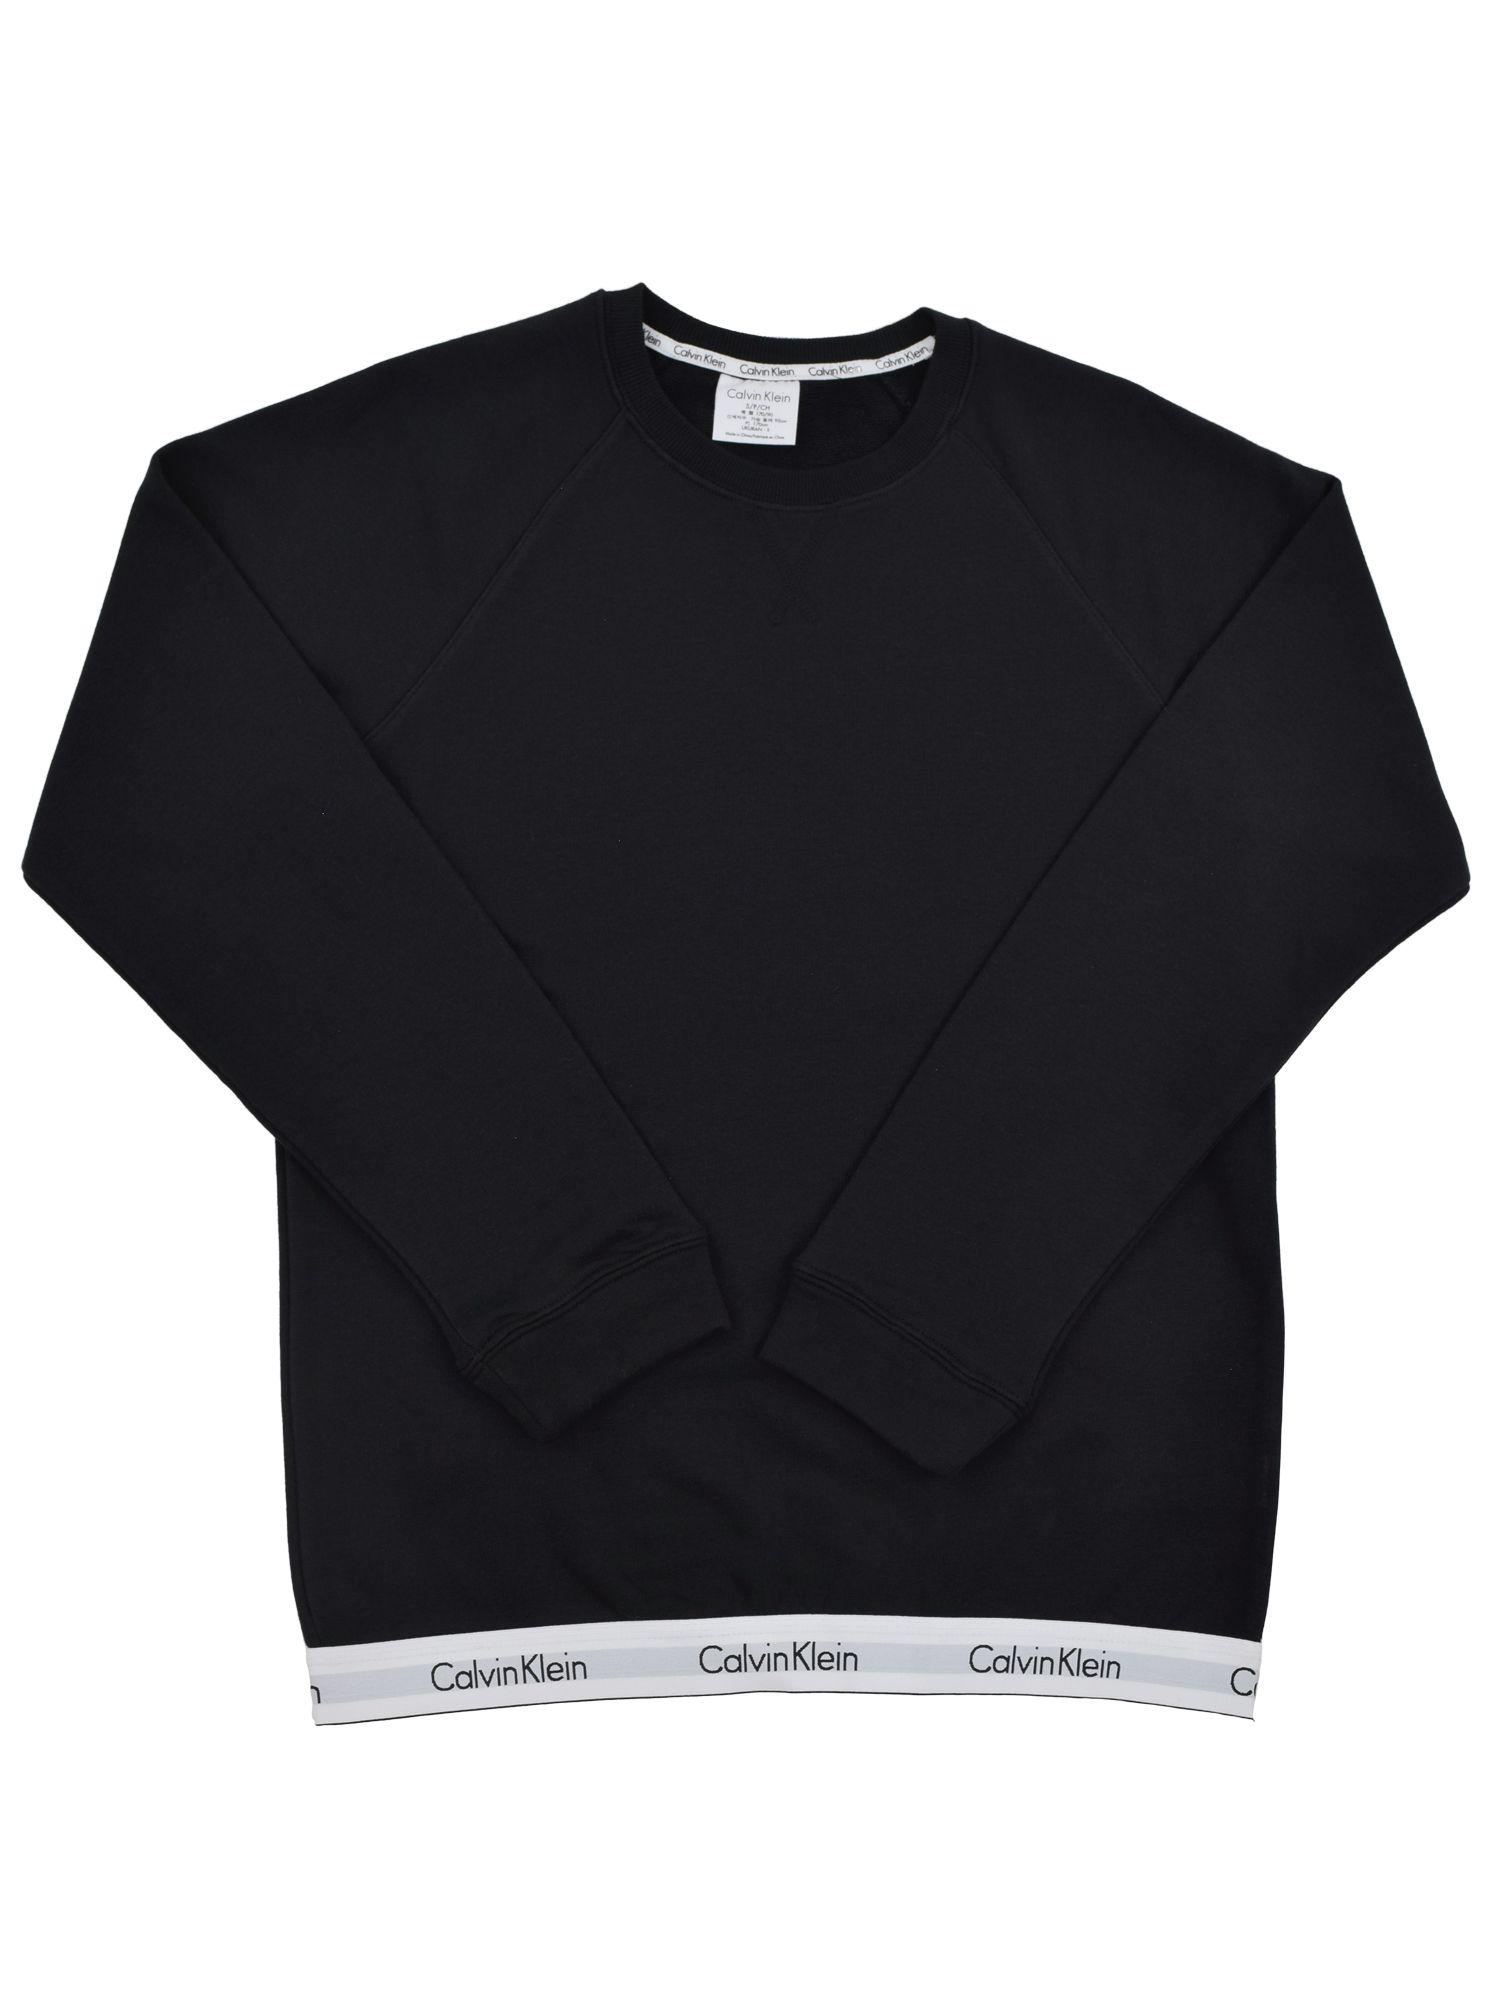 Calvin Klein Herren Pullover Rundhals Sweatshirt Gr. S NM1359E-001